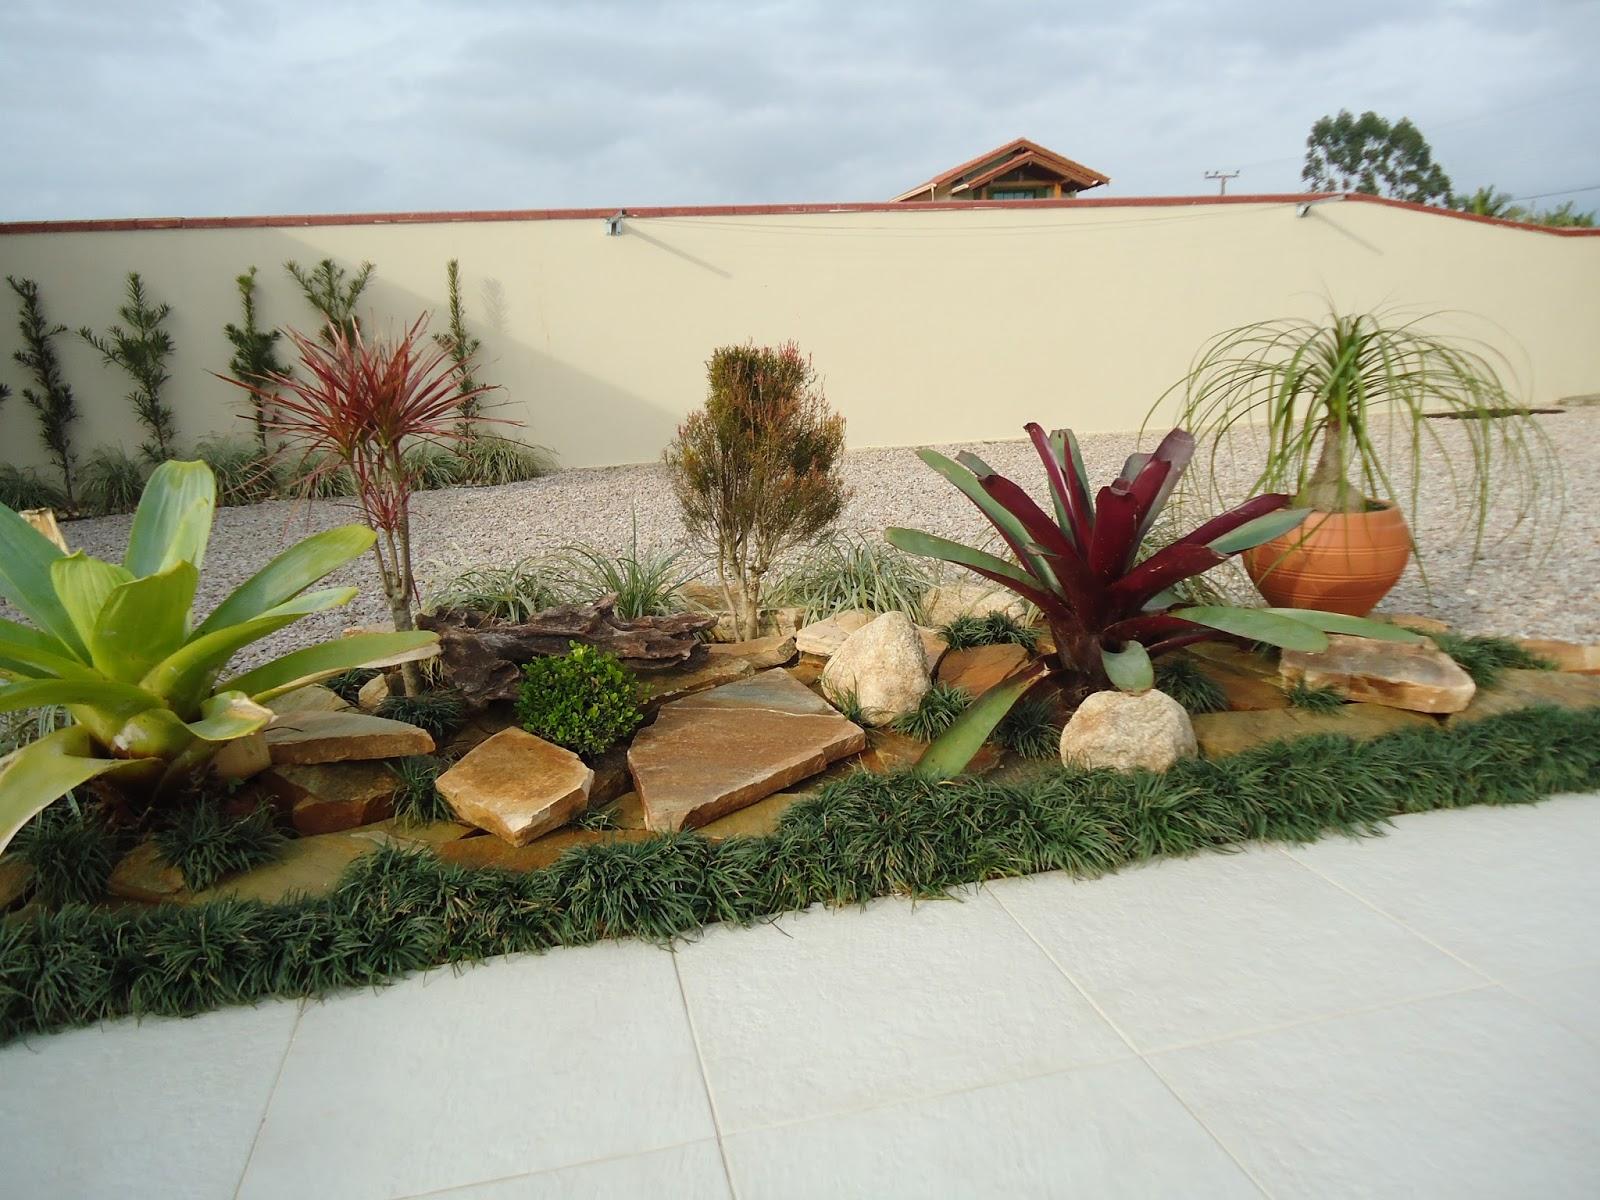 pedras para jardim em sorocaba : pedras para jardim em sorocaba:Pedras e Jardins: Paisagismo. Jardim com pedra São tomé (caco)